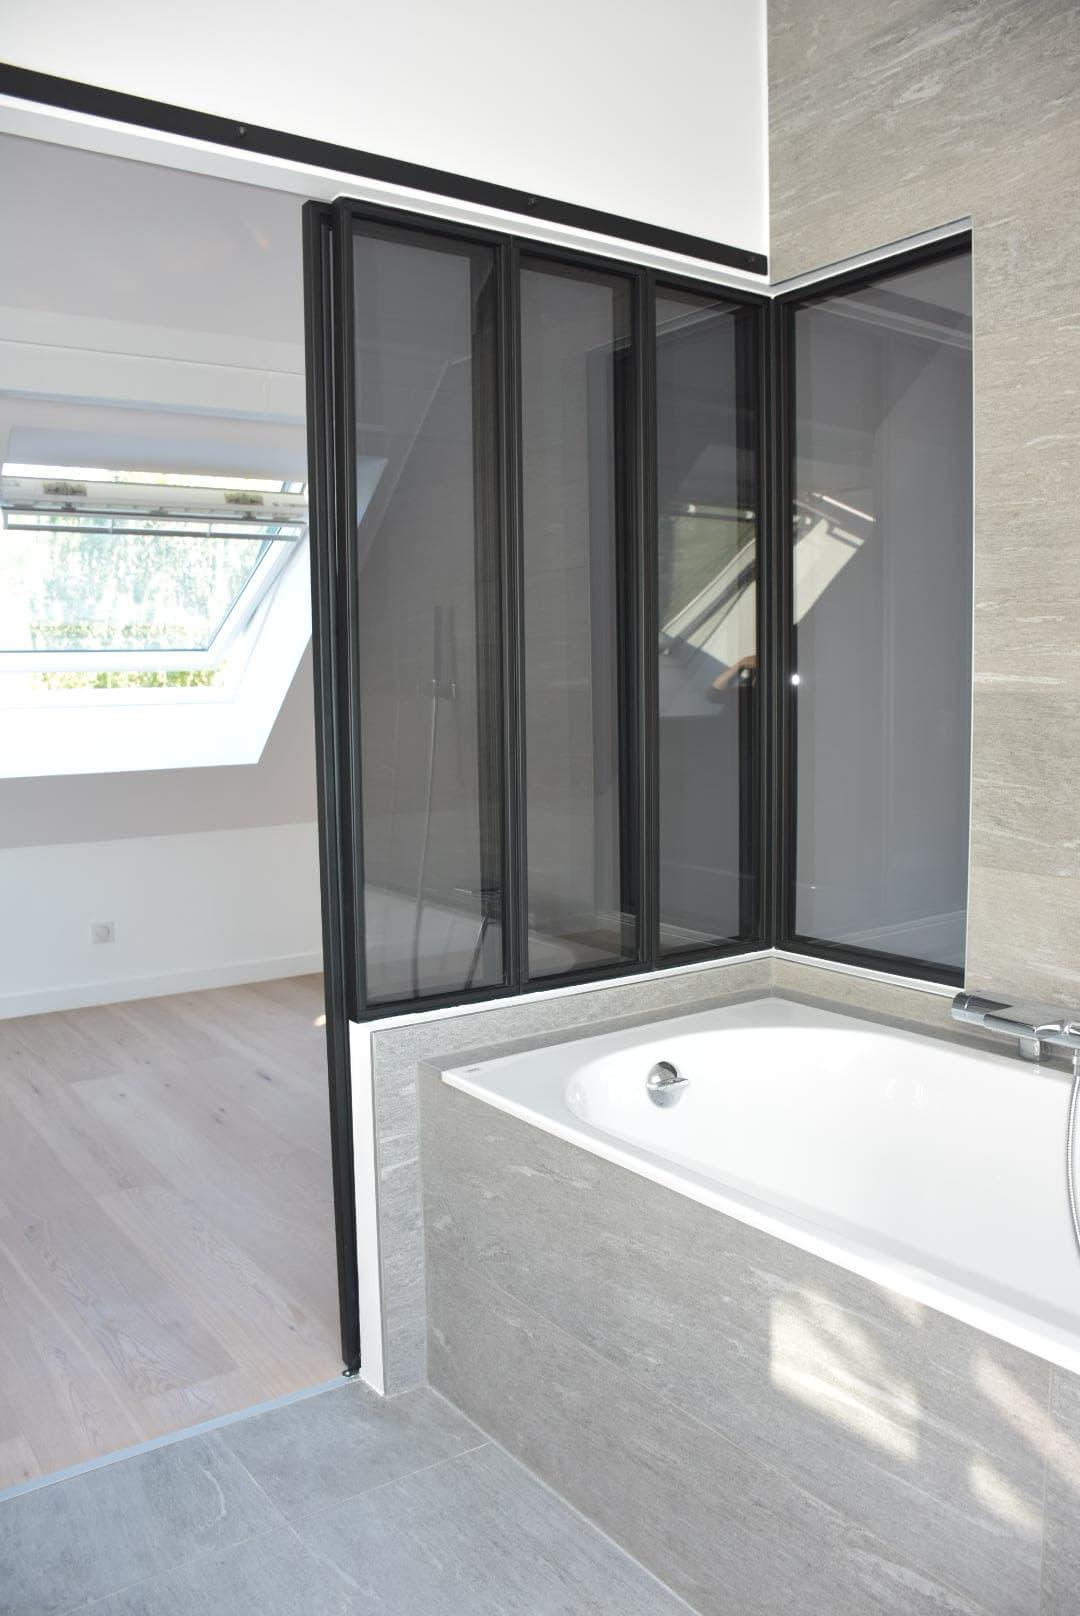 Verrière de salle de bain + porte coulissante ROBI Annecy (74)2